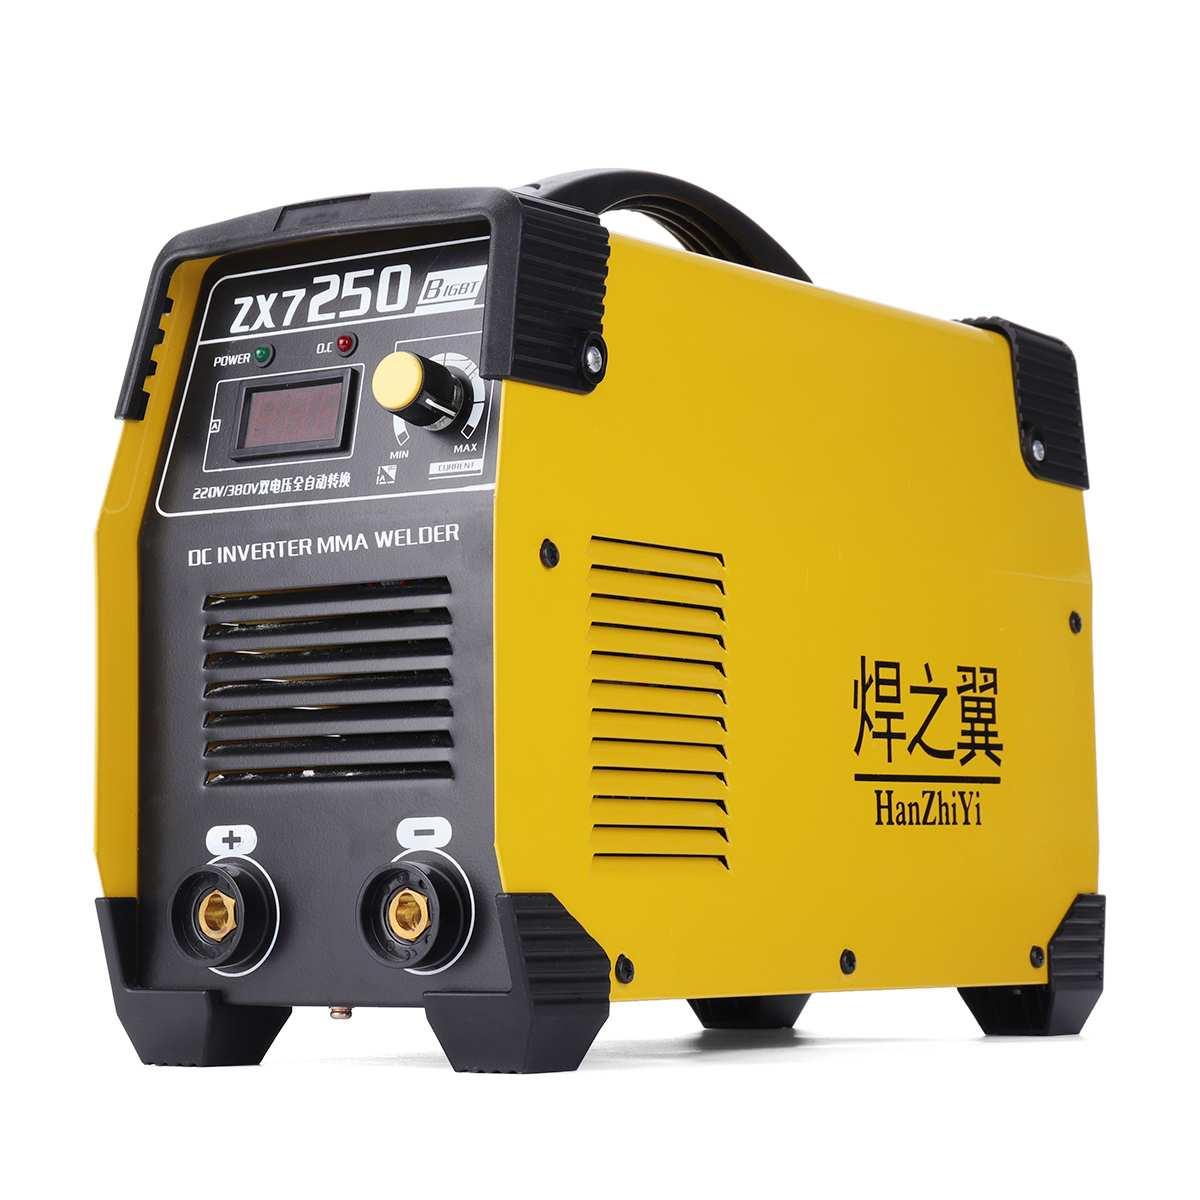 ZX7 250 IGBT 220/380V Mini Portable Inverter DC Welders Welding Machine 20 250A Manual Welding Equipment Tools Welders Yellow